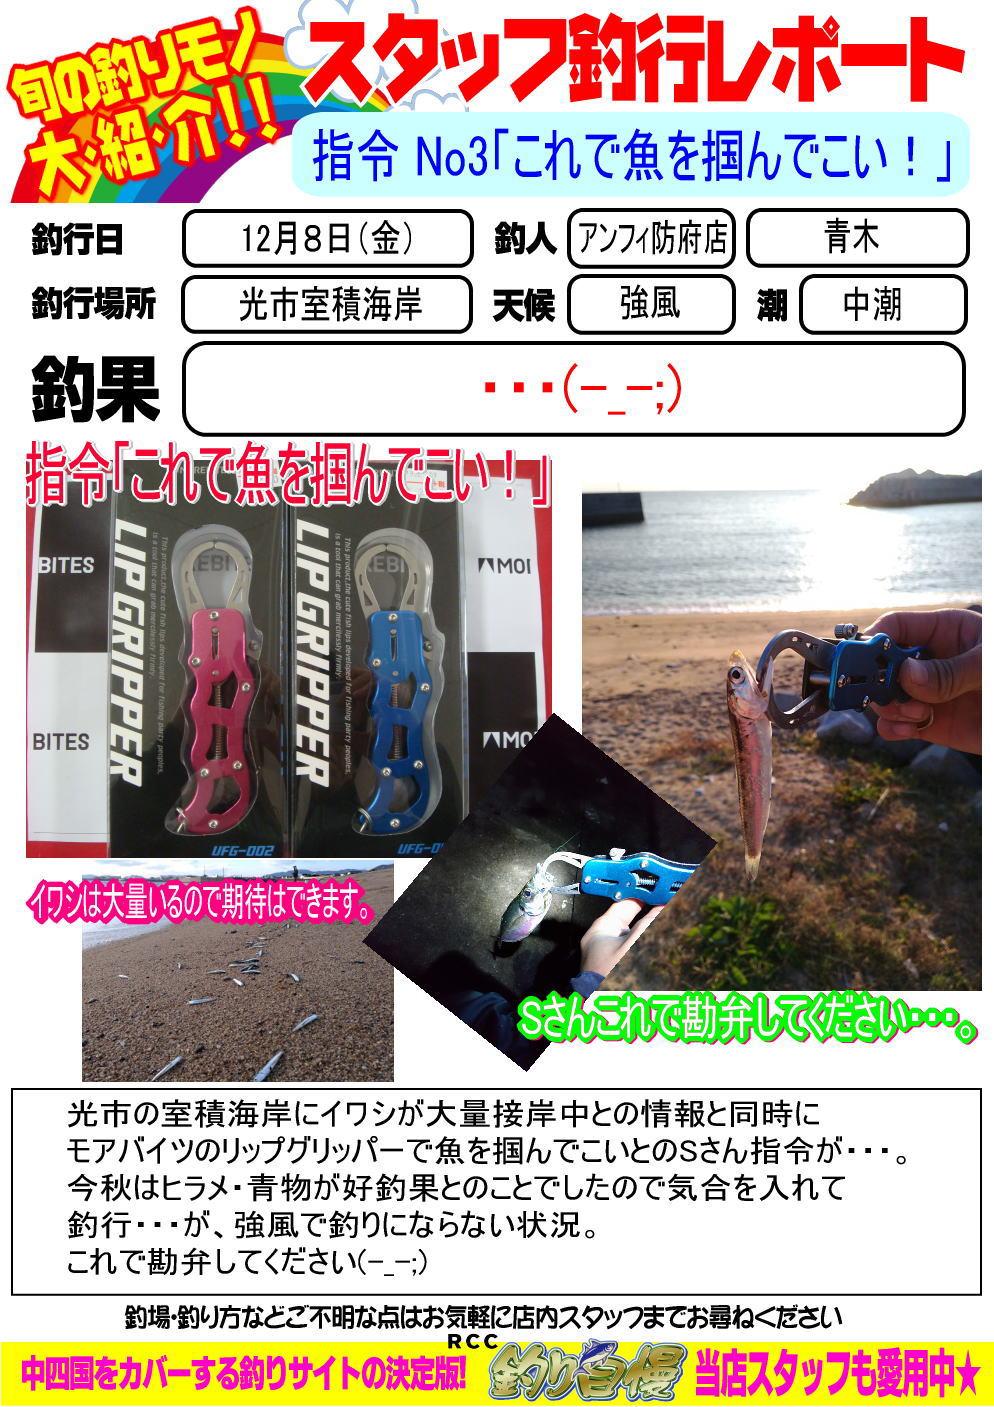 http://www.e-angle.co.jp/shop/blog/blog-20171208-houfu-kasutamu.jpg